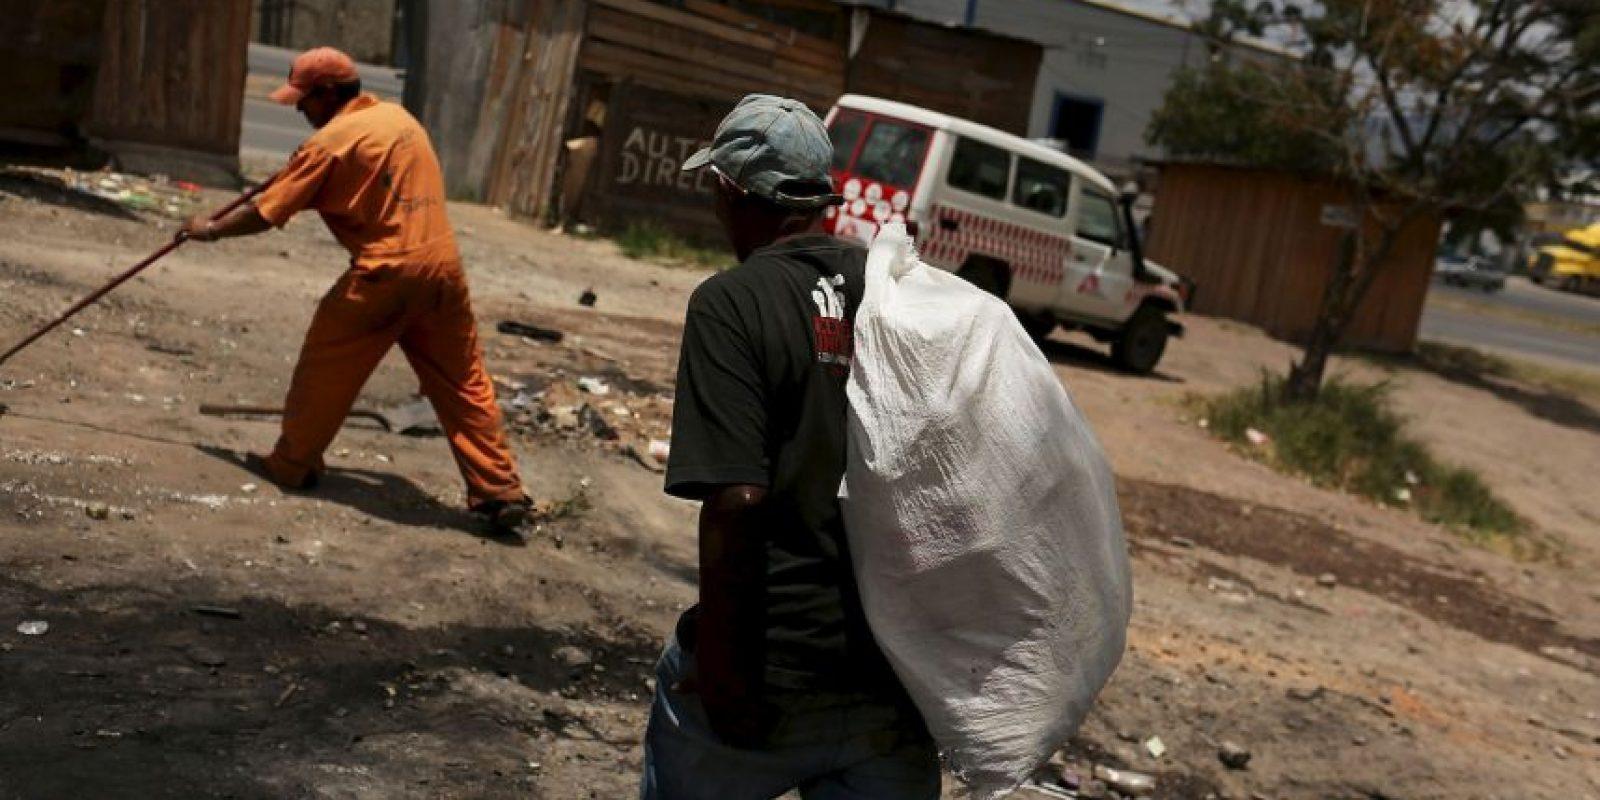 Otro método no menos común es enterrar el dinero Foto:Getty Images